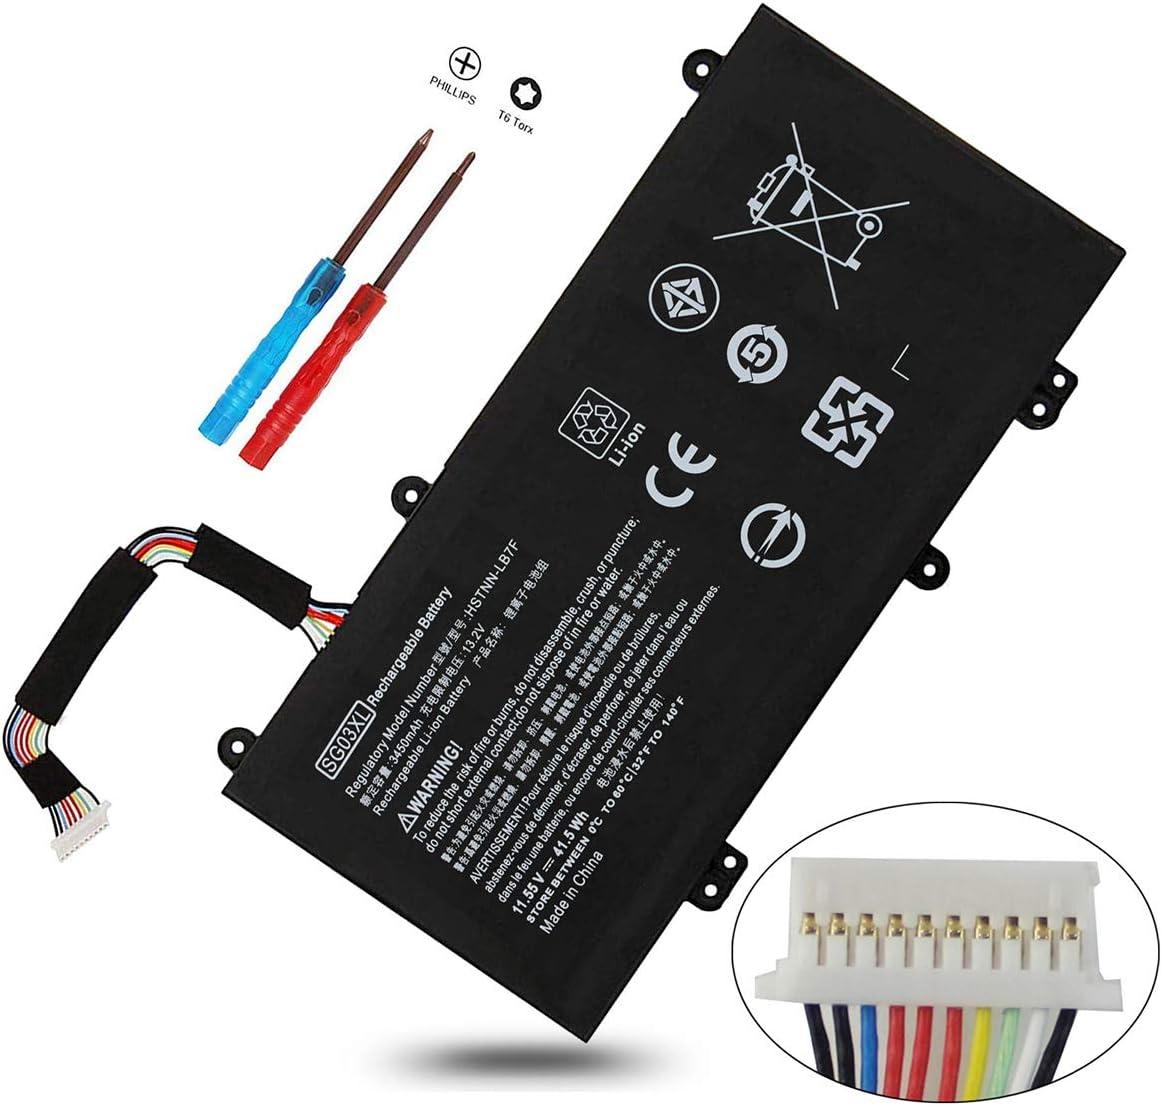 SG03XL 849048-421 Battery for HP Envy M7-U109DX M7-U009DX 17T-U100 17-U100 M7-U000 17-U177CL 17-U011NR 17-U110NR 17T-U000,M7-U 17-U 17T-U,849049-421 HSTNN-LB7F TPN-I126 W2K88UA W2K86UA W2K87UA 41.5Wh